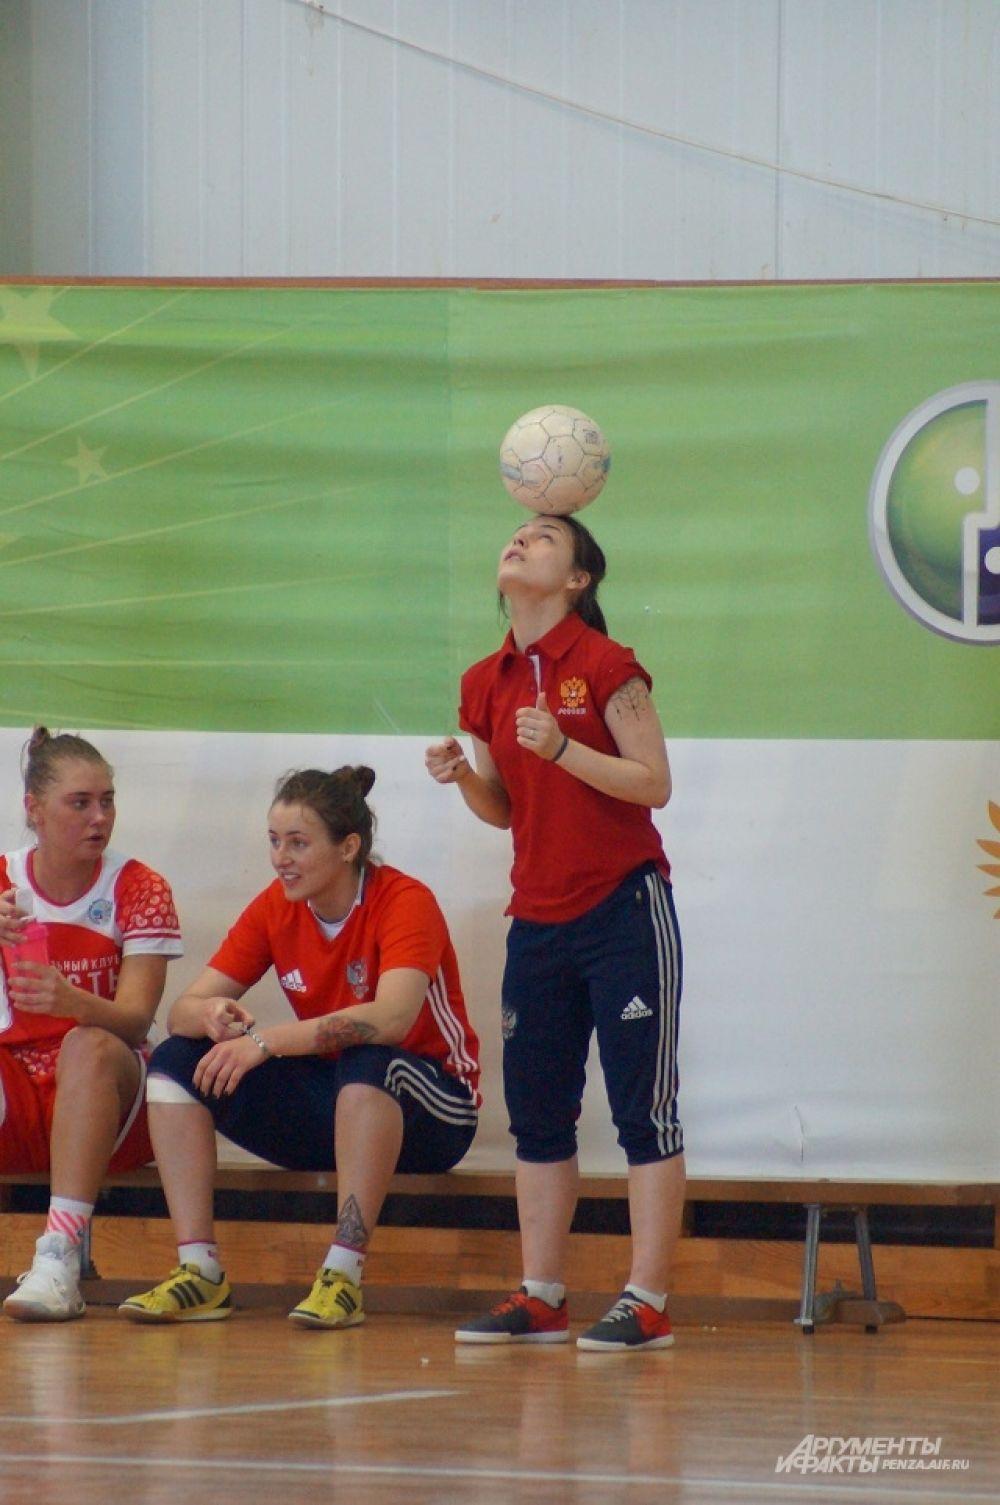 Небольшой мастер-класс для присутствующих от игрока МФК «Лагуна-УОР» Ольги Тигиной.